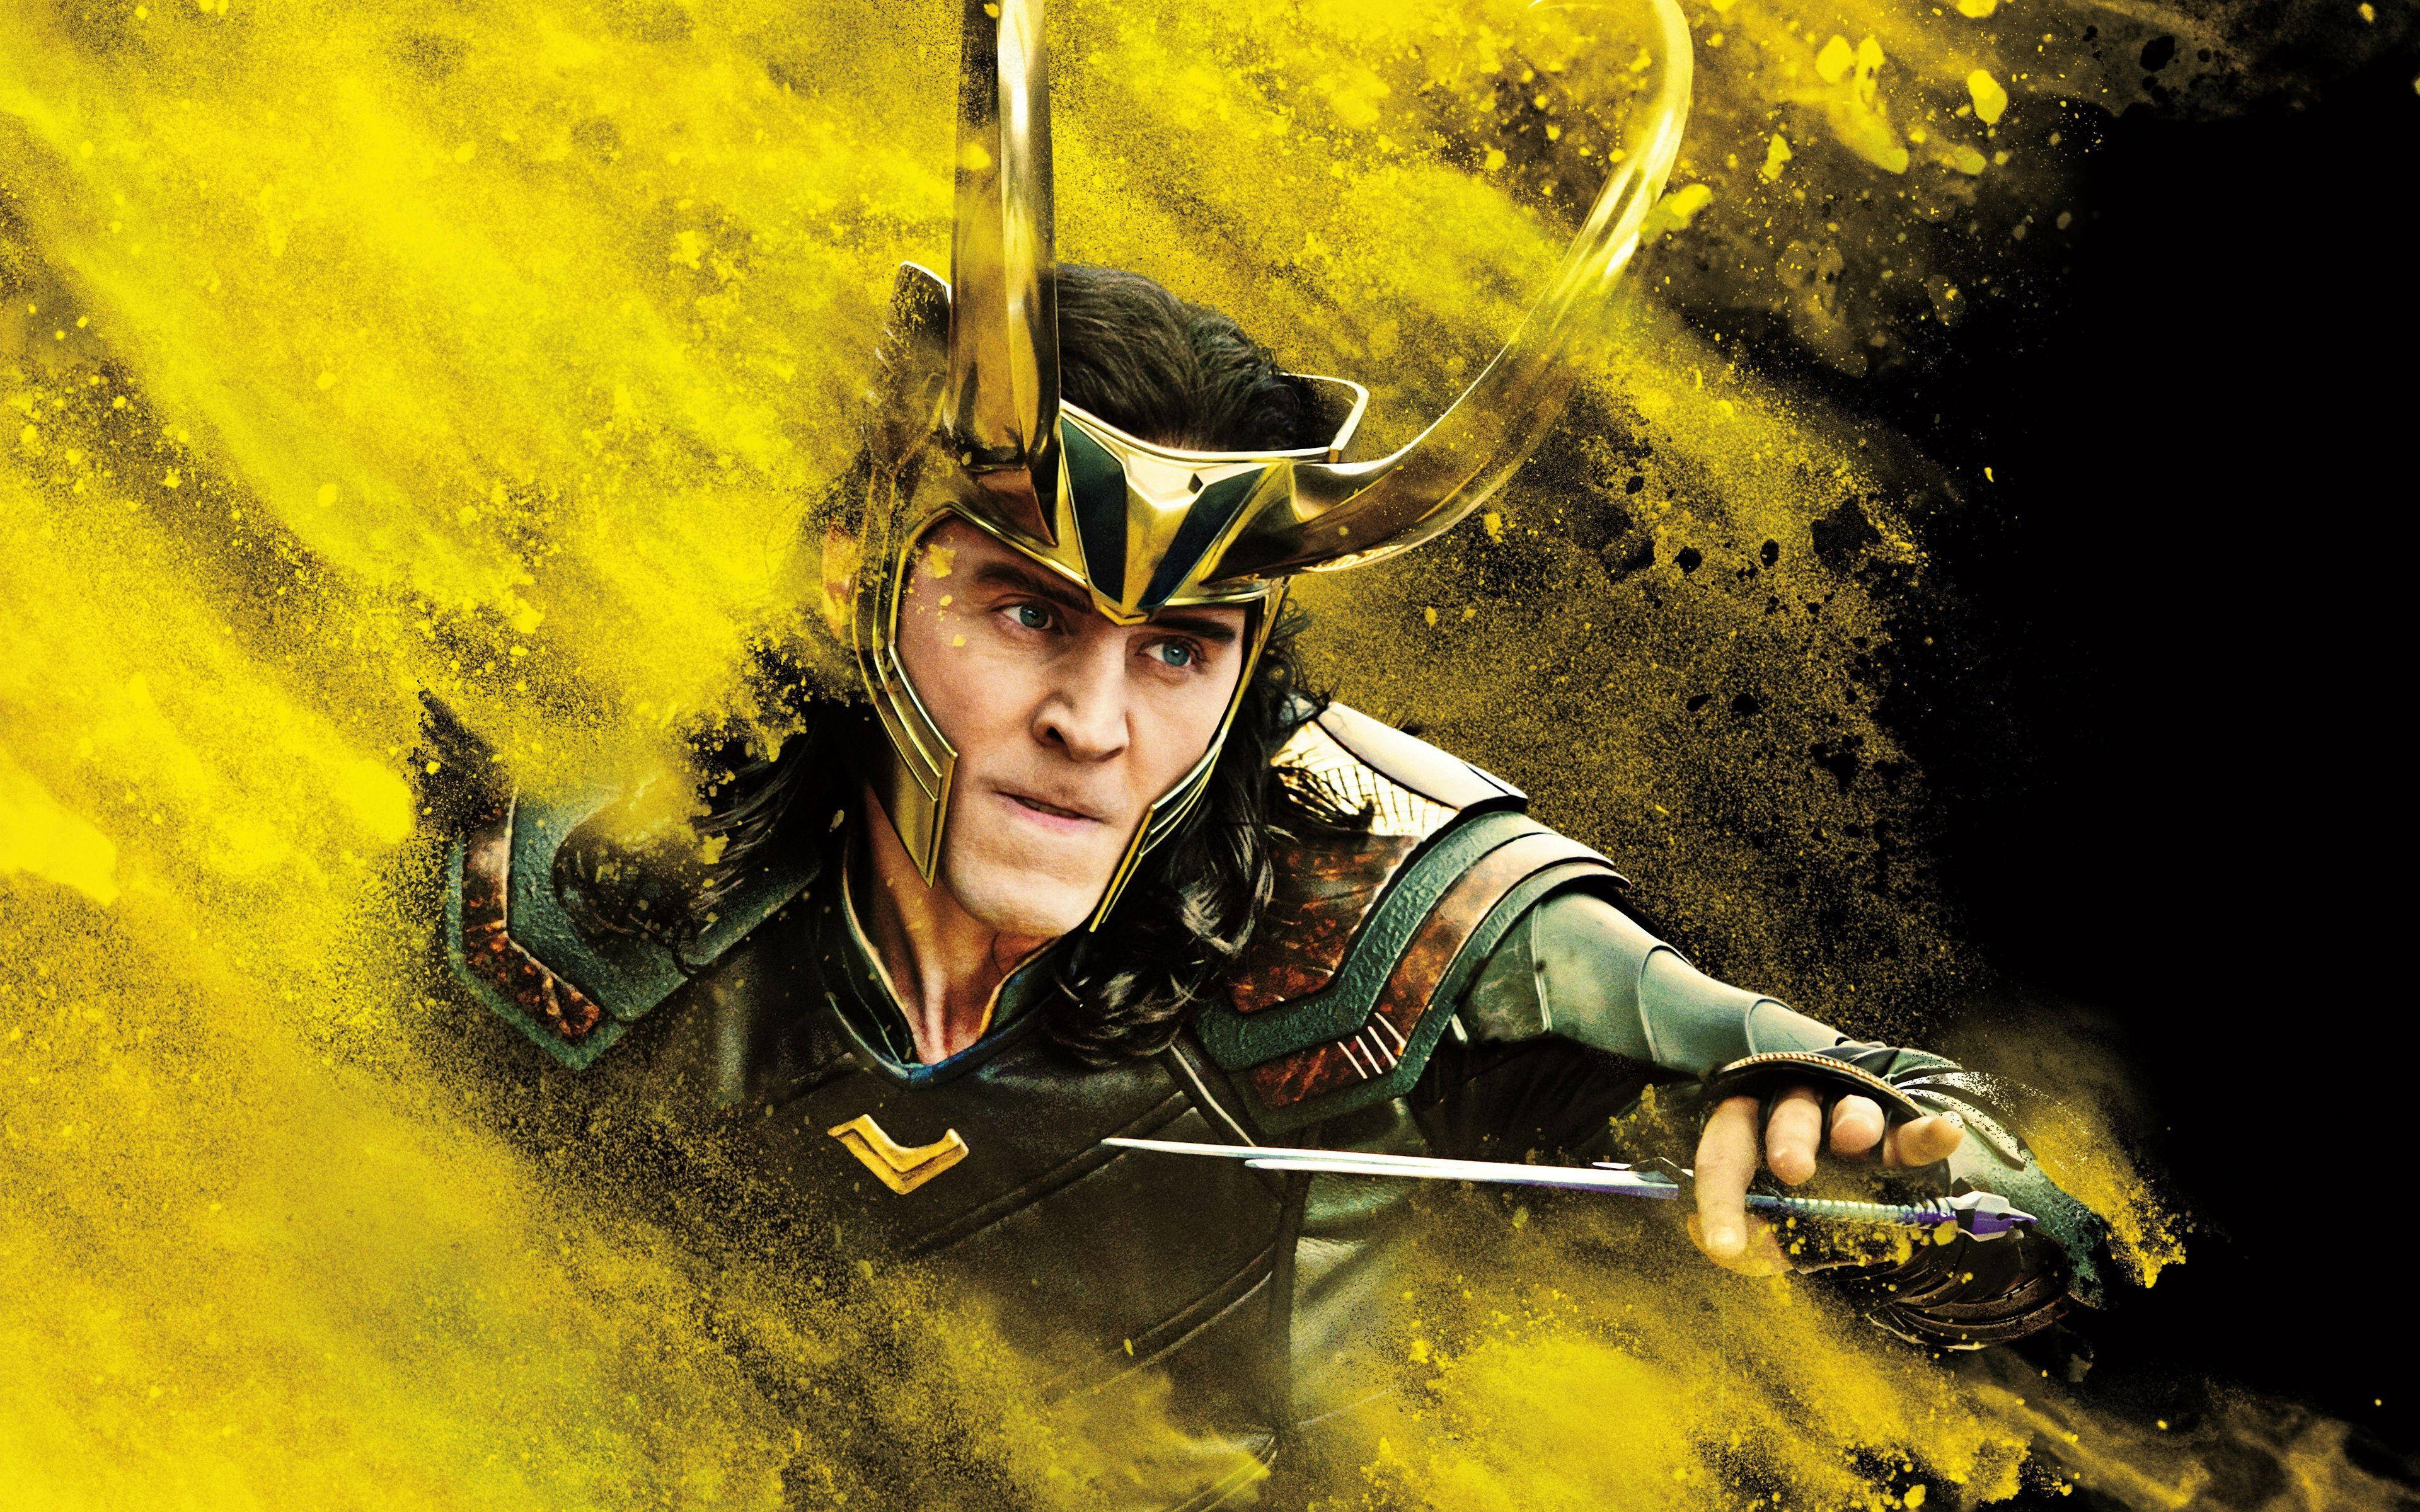 Loki Wallpapers - Top Free Loki